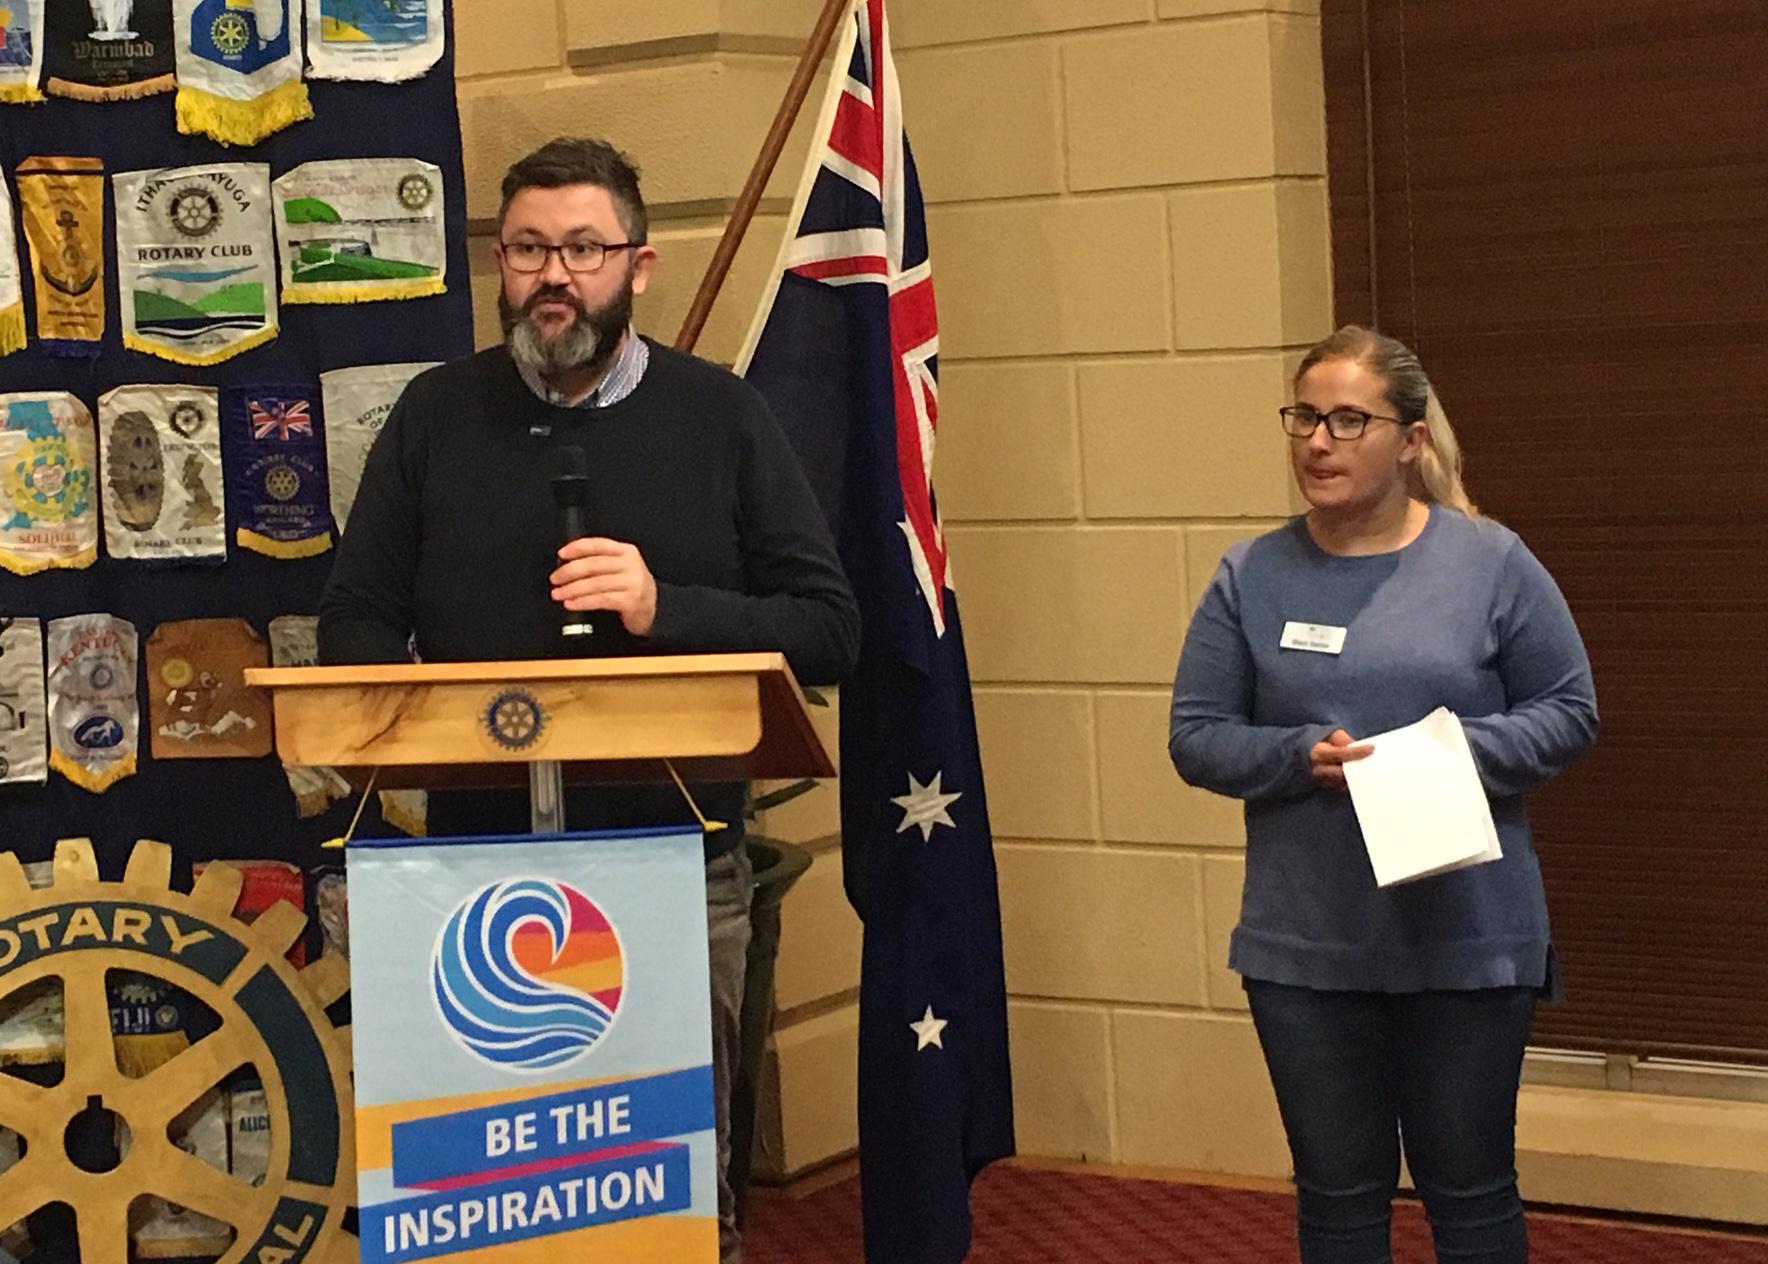 RYLA – Rotary Youth Leadership Awards.